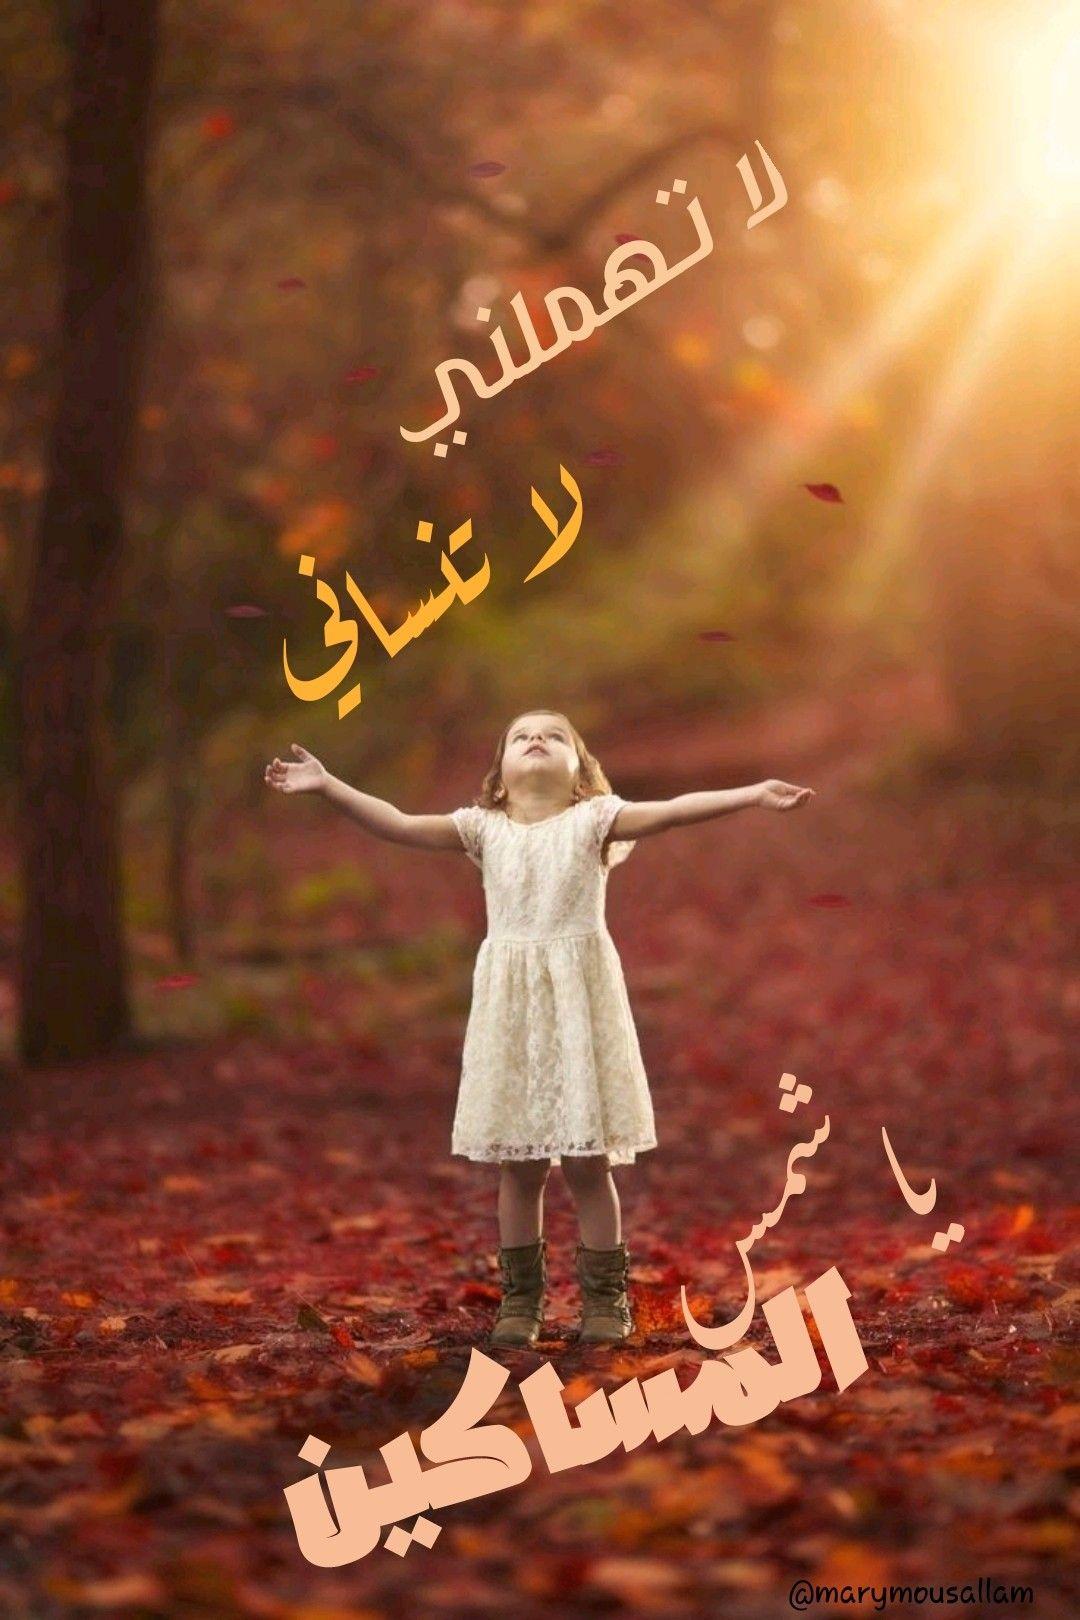 فسروز لا تهملني لا تنساني يا شمس المساكين Poster Movie Posters Cards